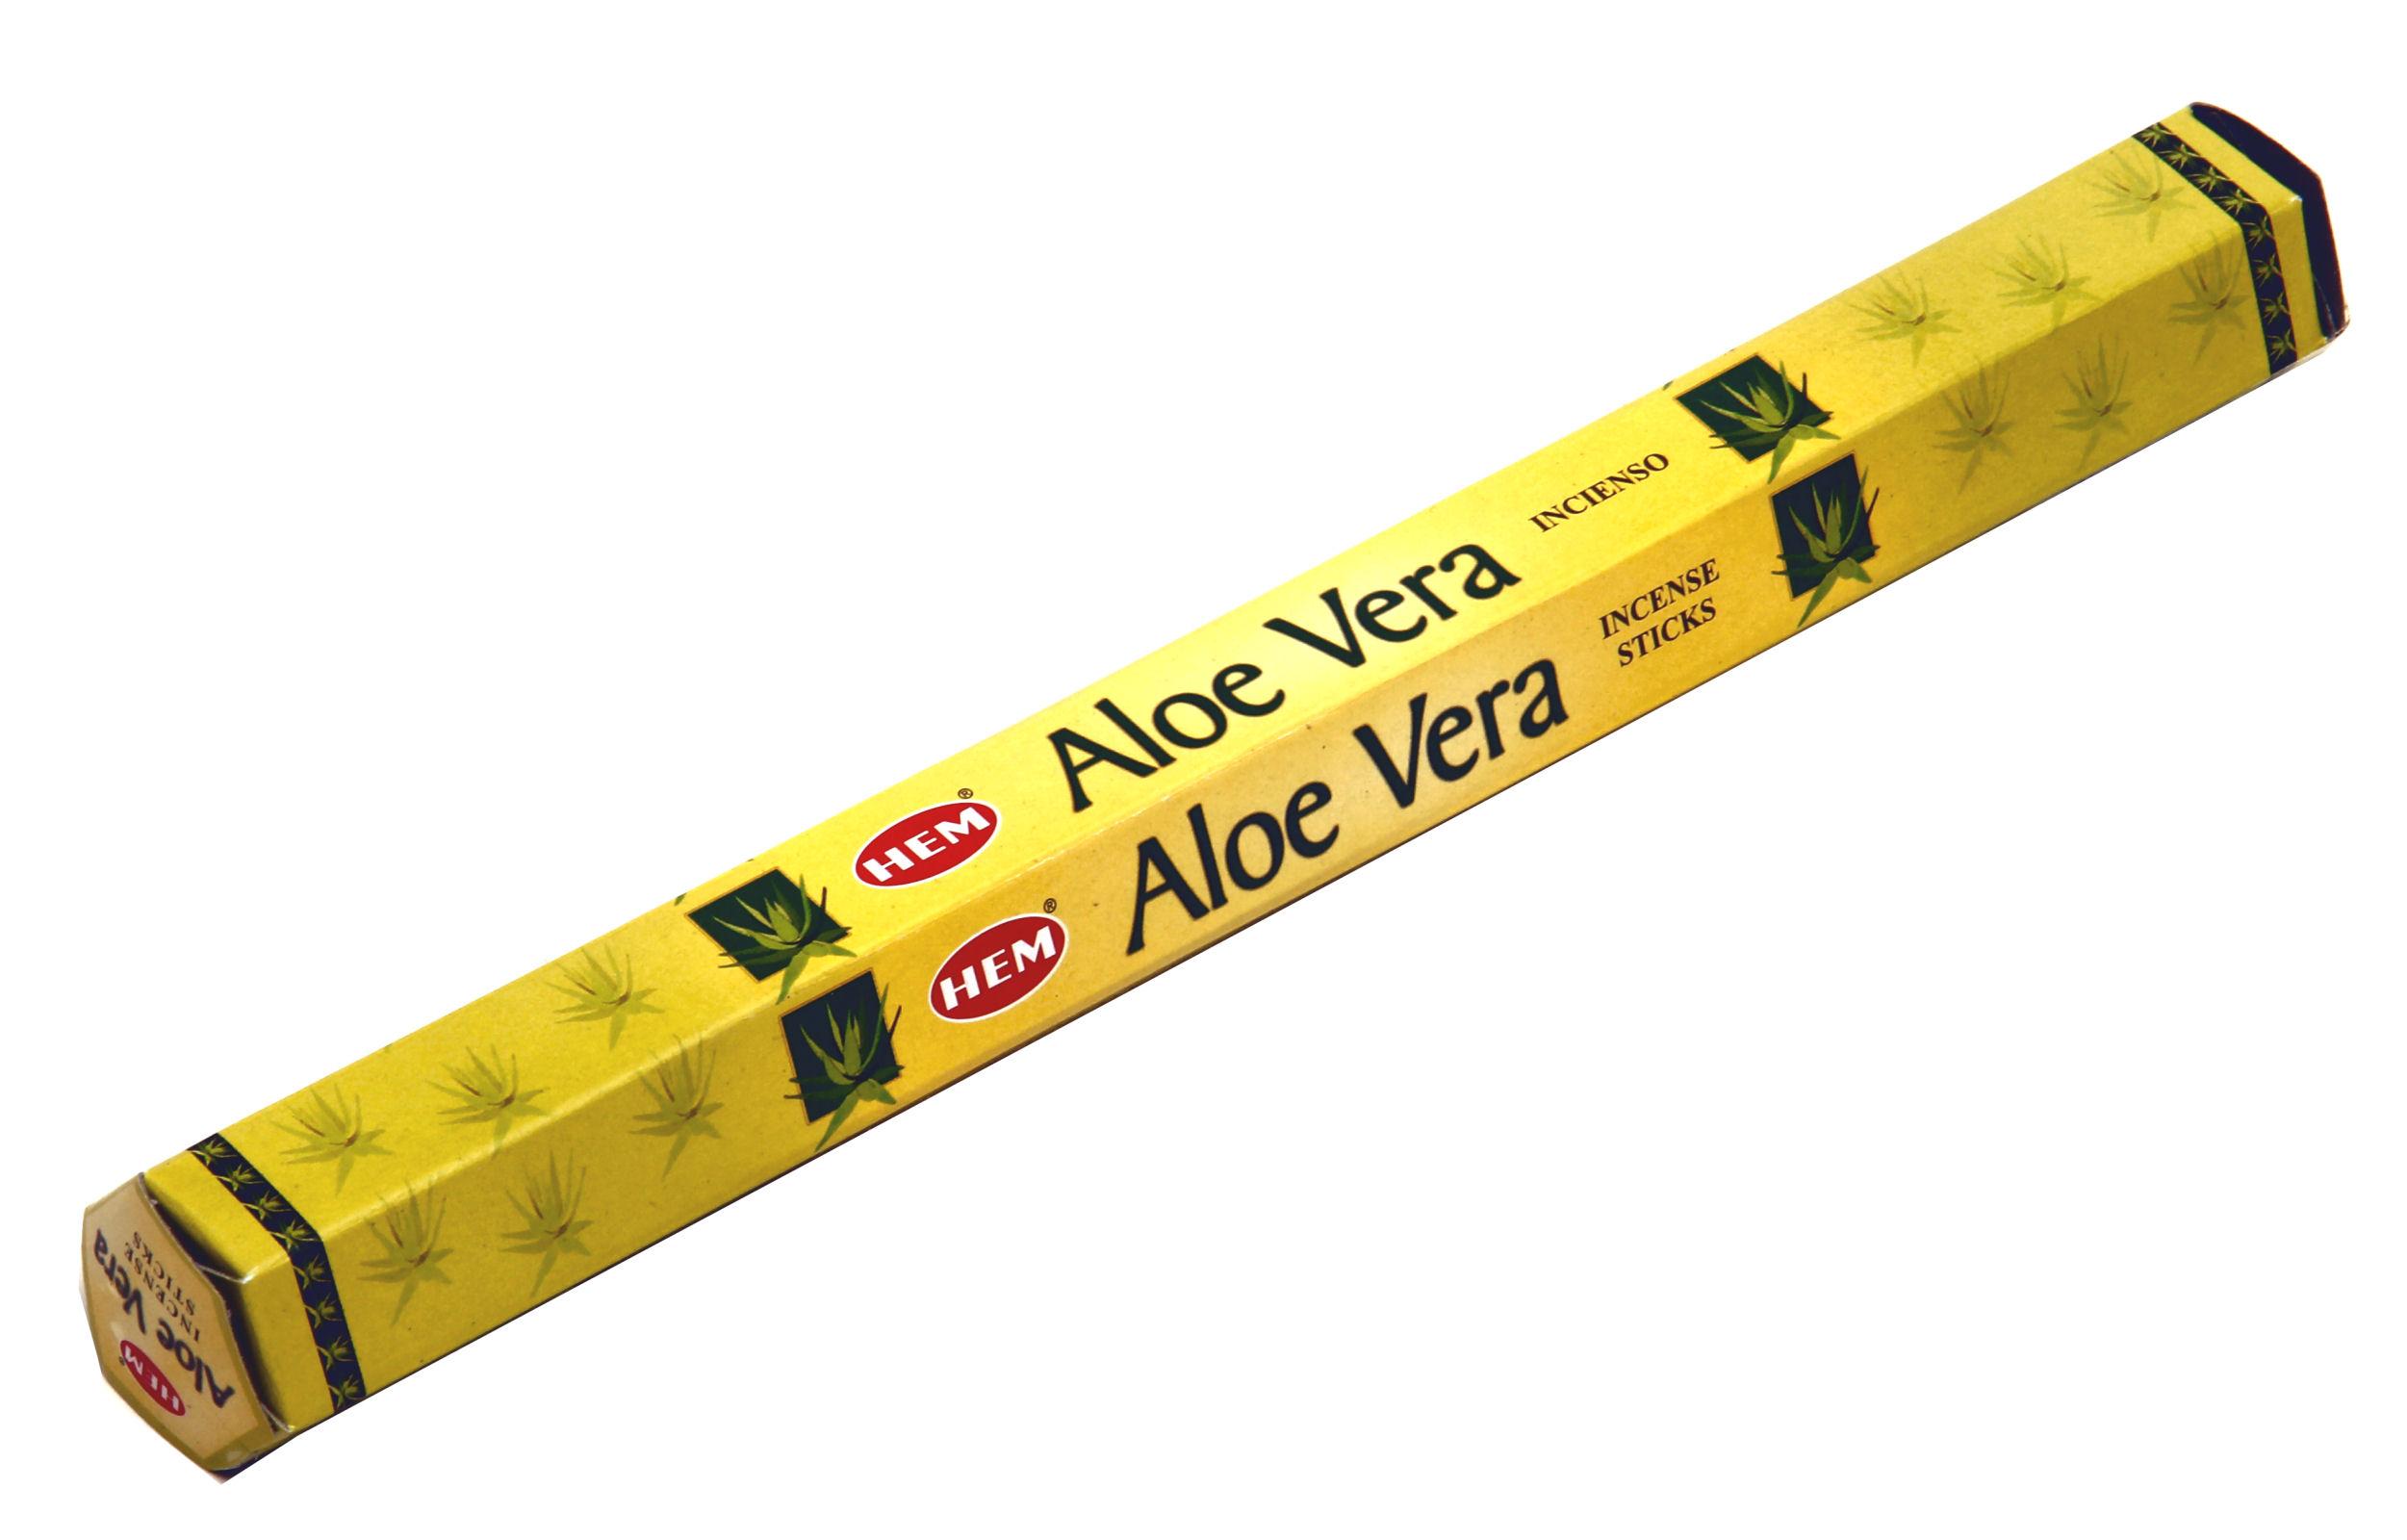 HEM Räucherstäbchen Sparset. 6 Packungen ca. 120 Sticks Aloe Vera